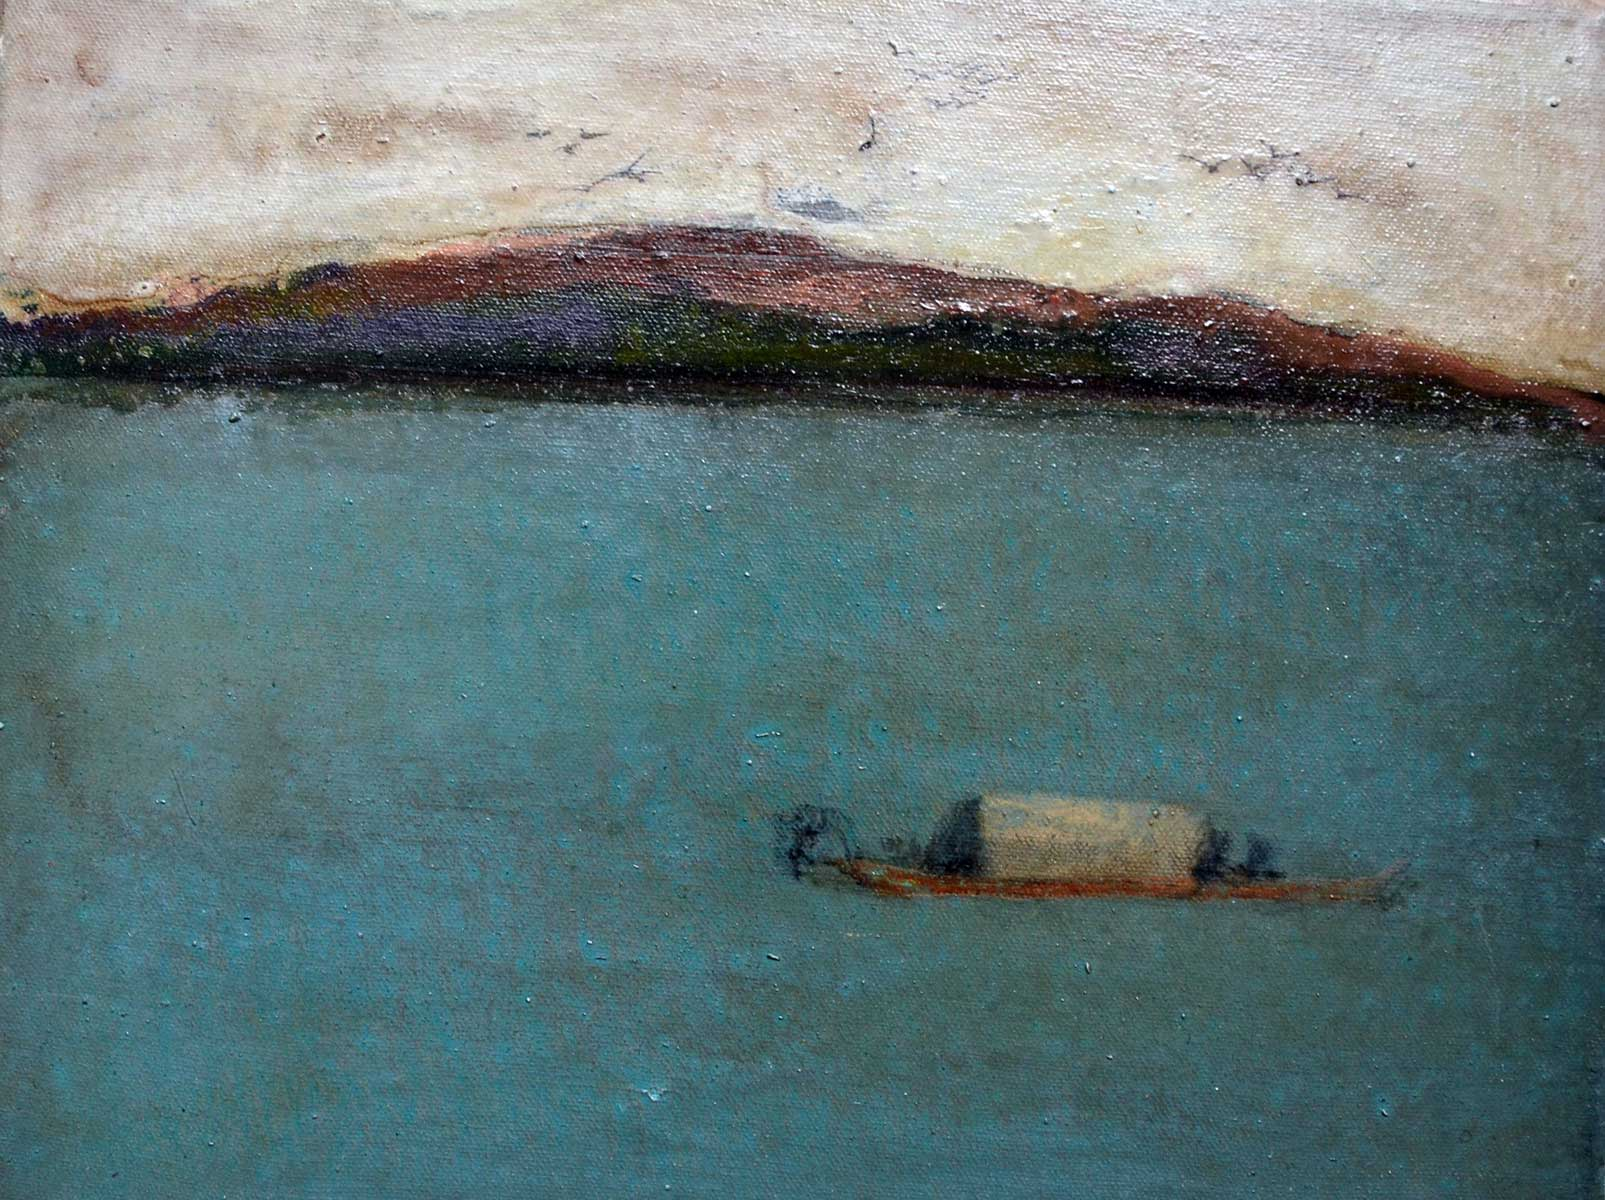 paysage Corinne Tichadou artiste peintre Bézier tableaux peinture art contemporain